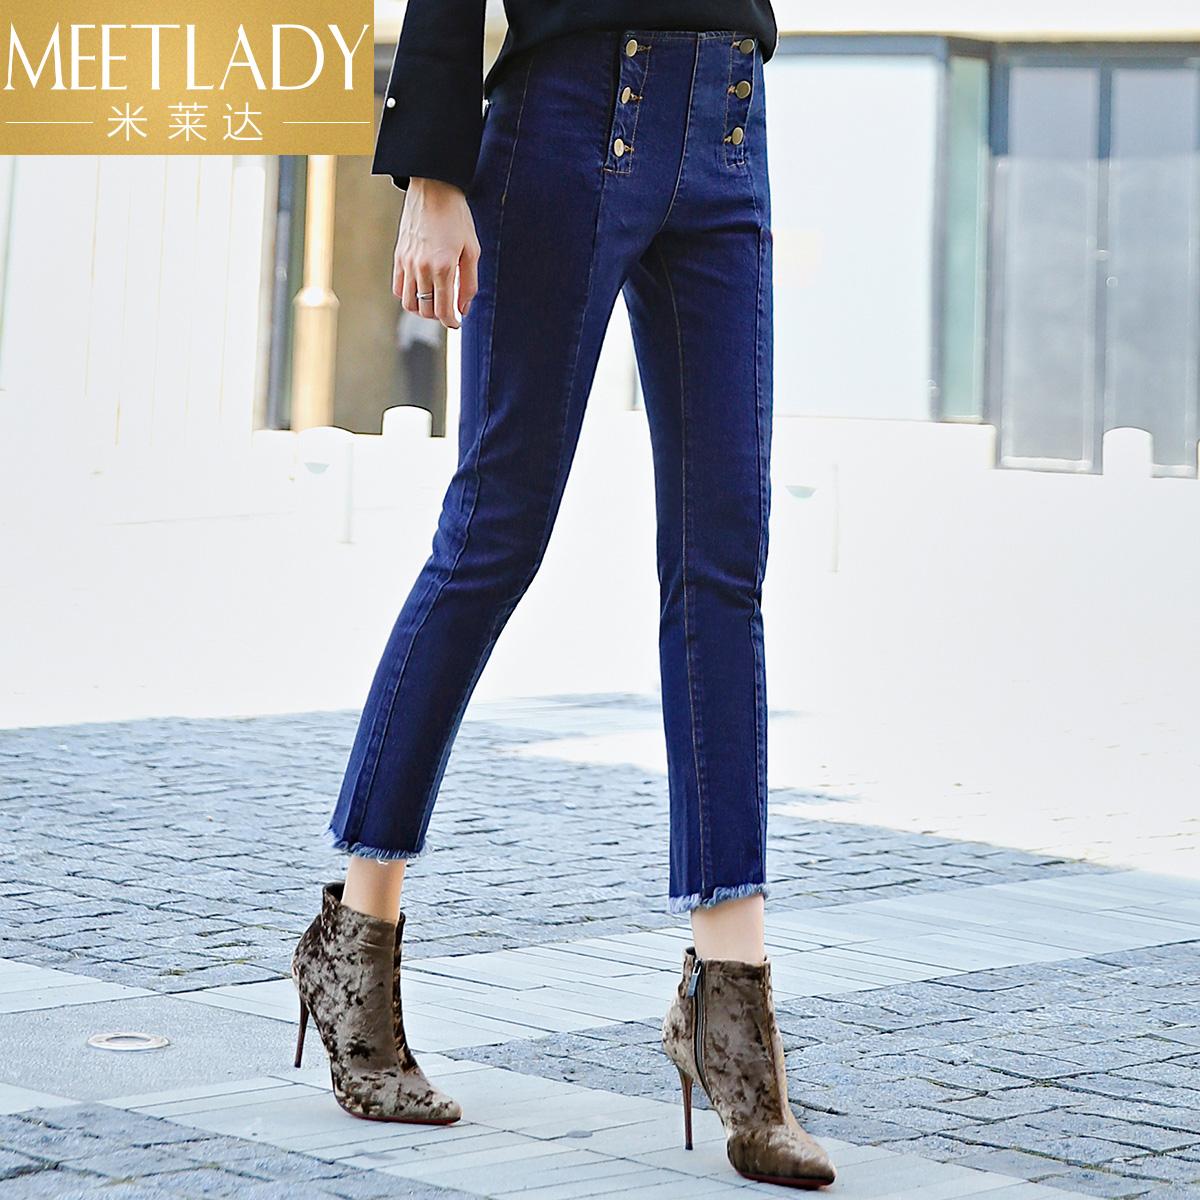 米莱达2017秋装新款女装时尚复古小脚裤双排扣高腰九分牛仔裤女